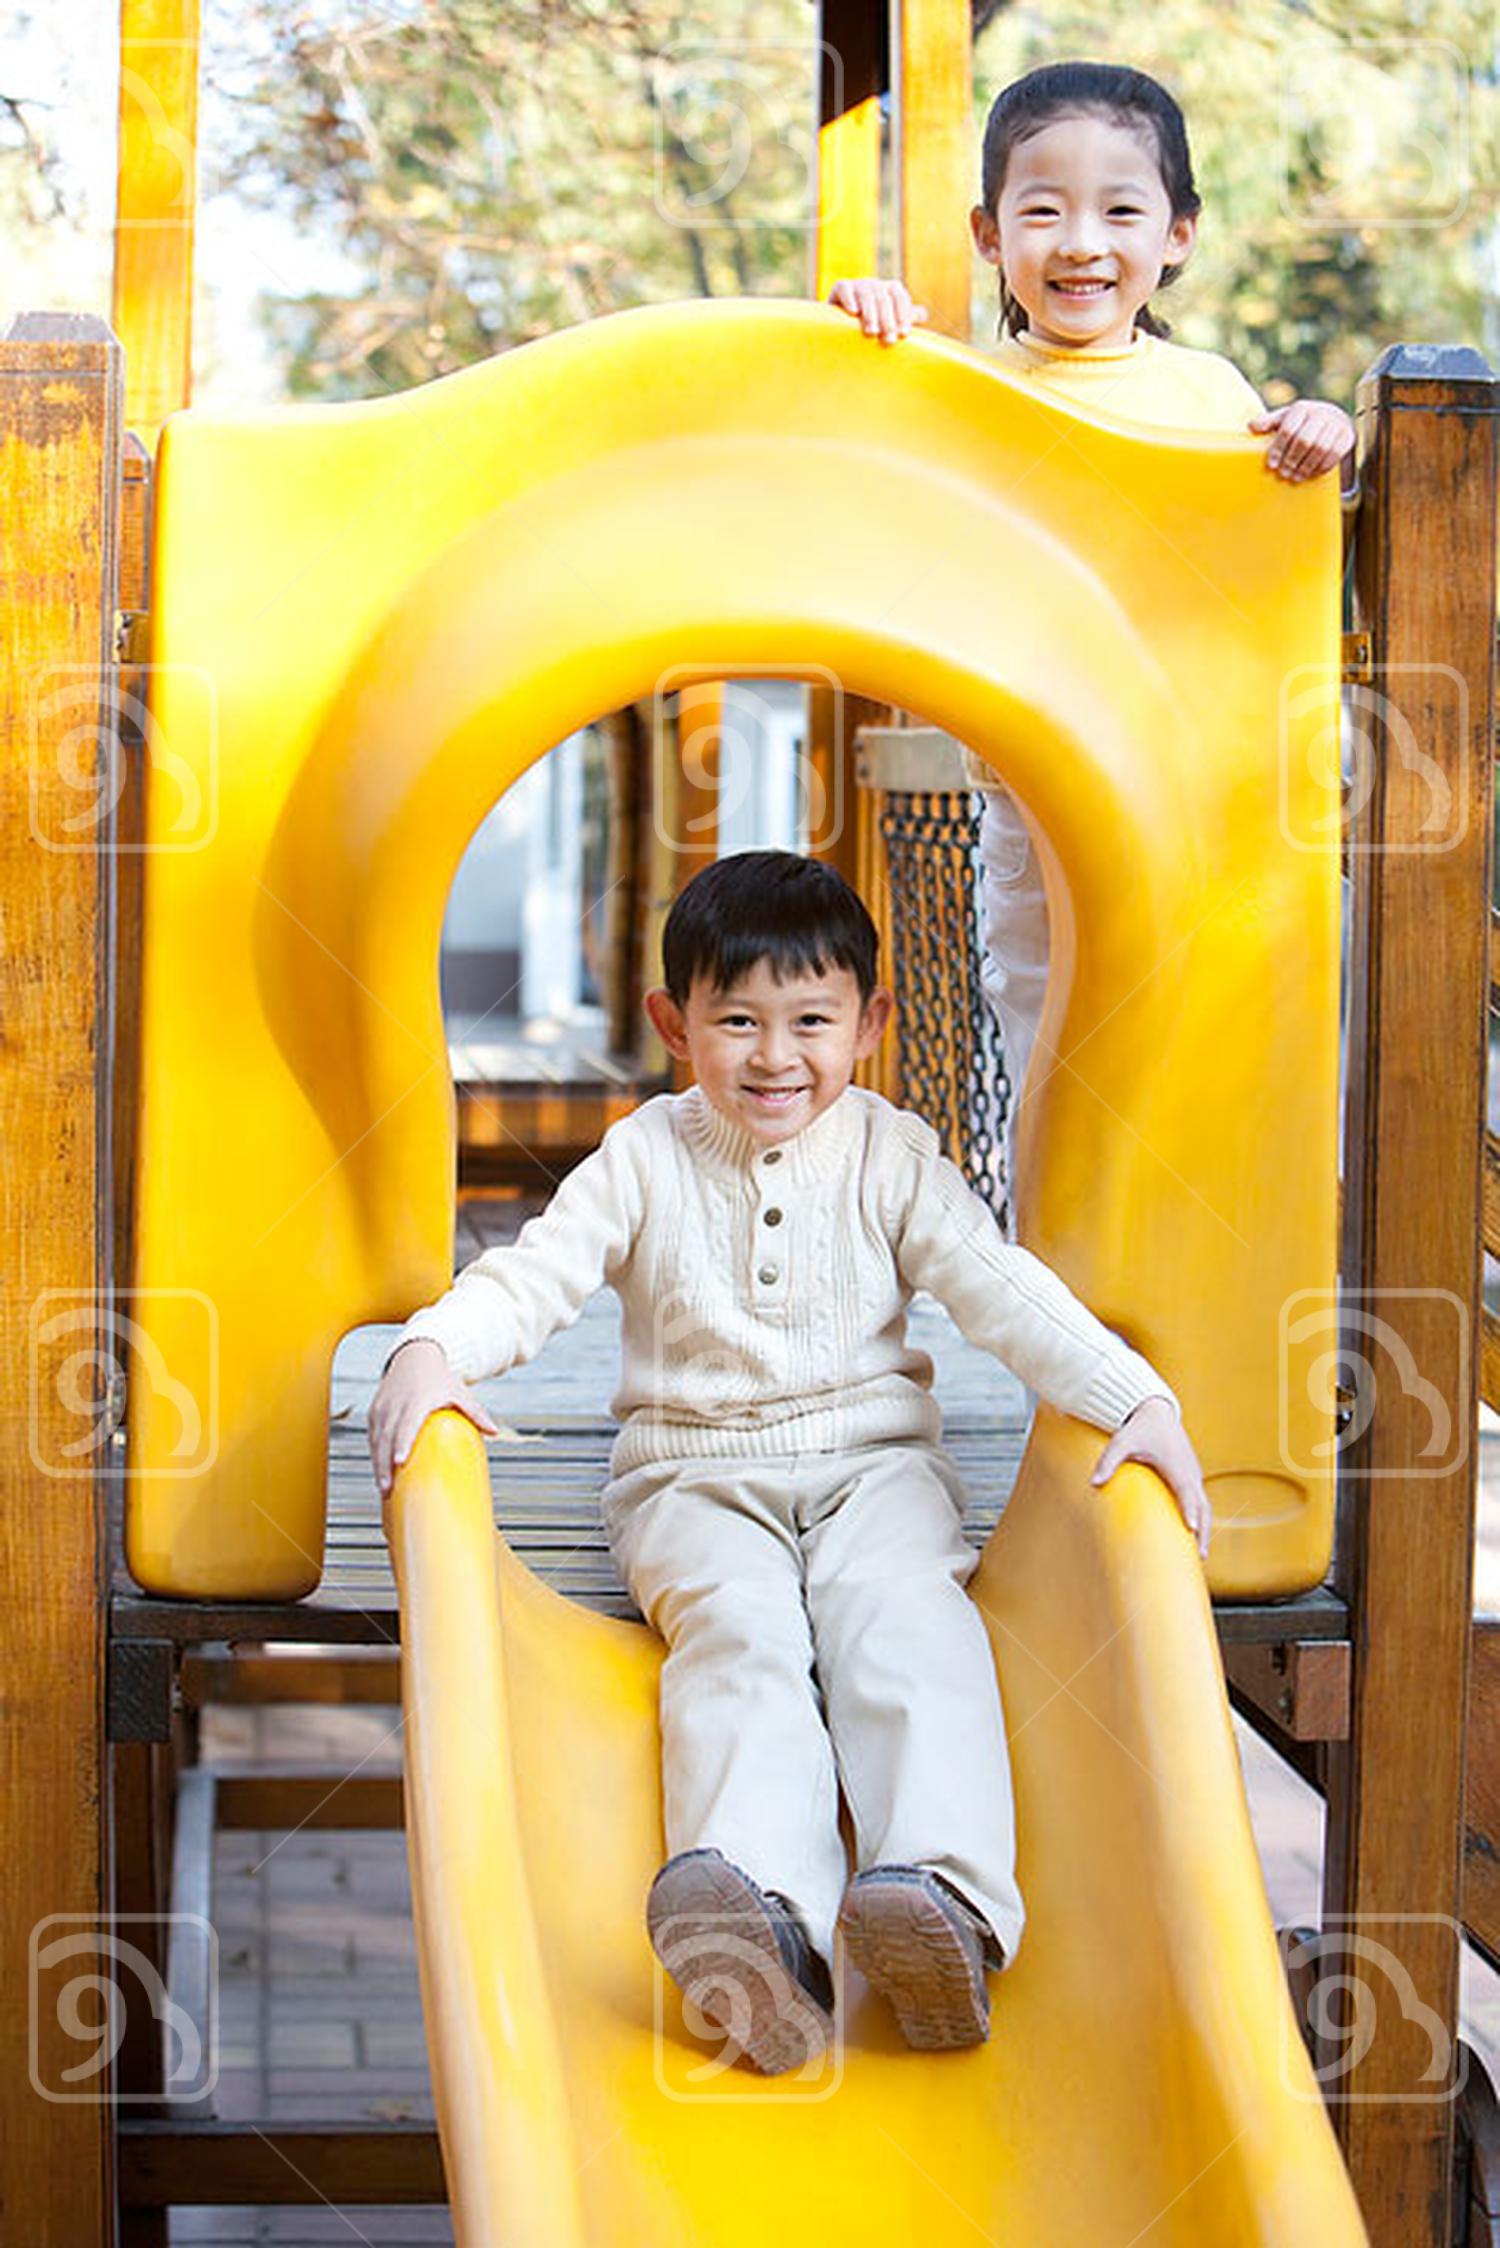 Chinese children playing on playground slide